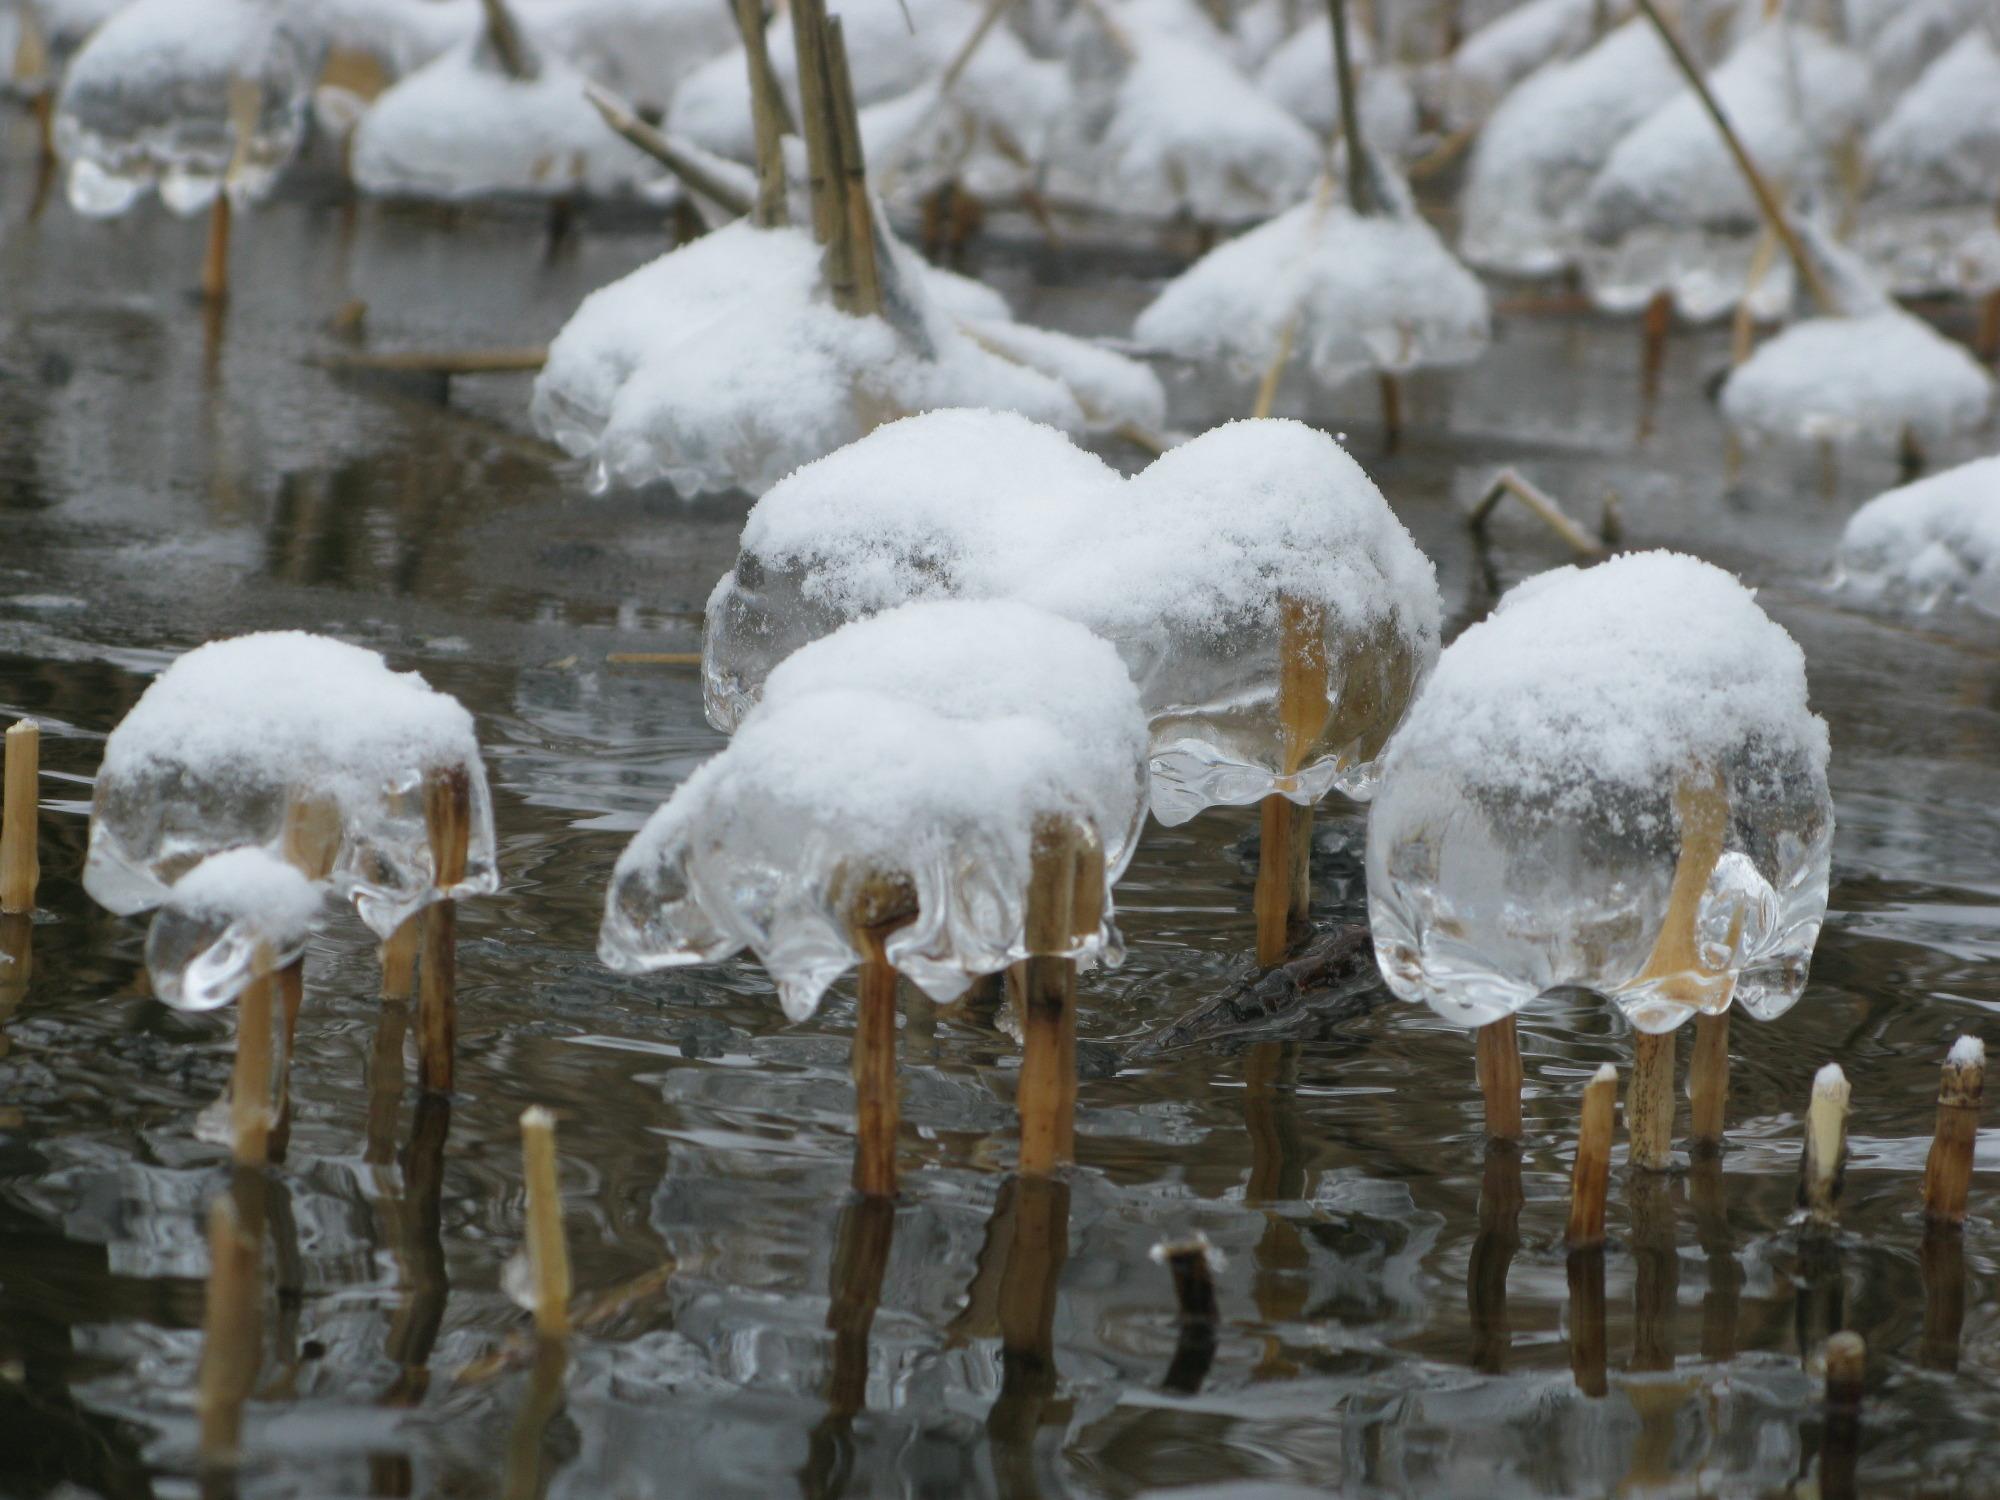 Wrakduik-in-de-sneeuw-008